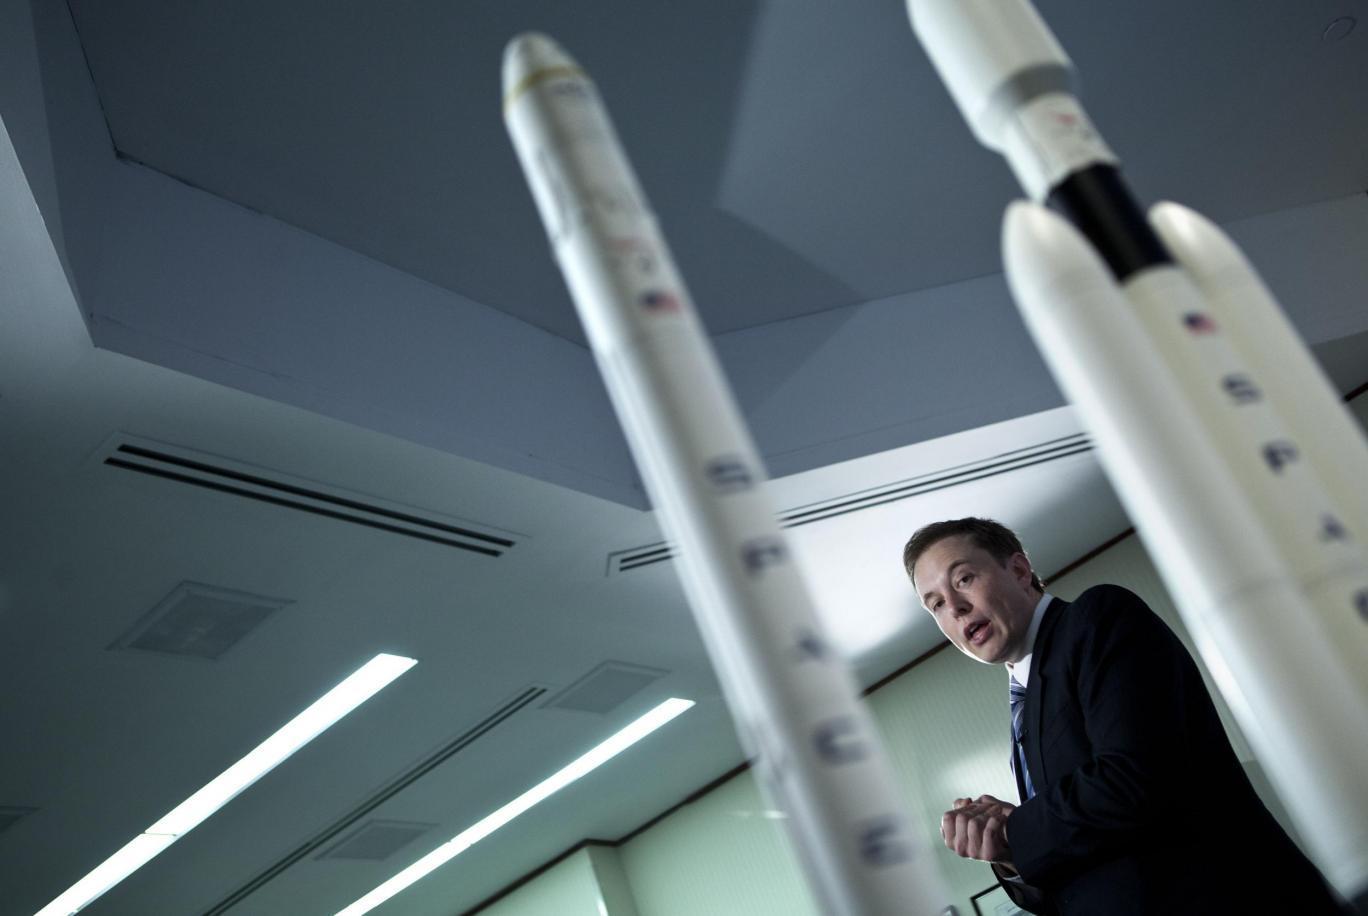 Илон Маск рассказал о том, как ему удается быть таким продуктивным